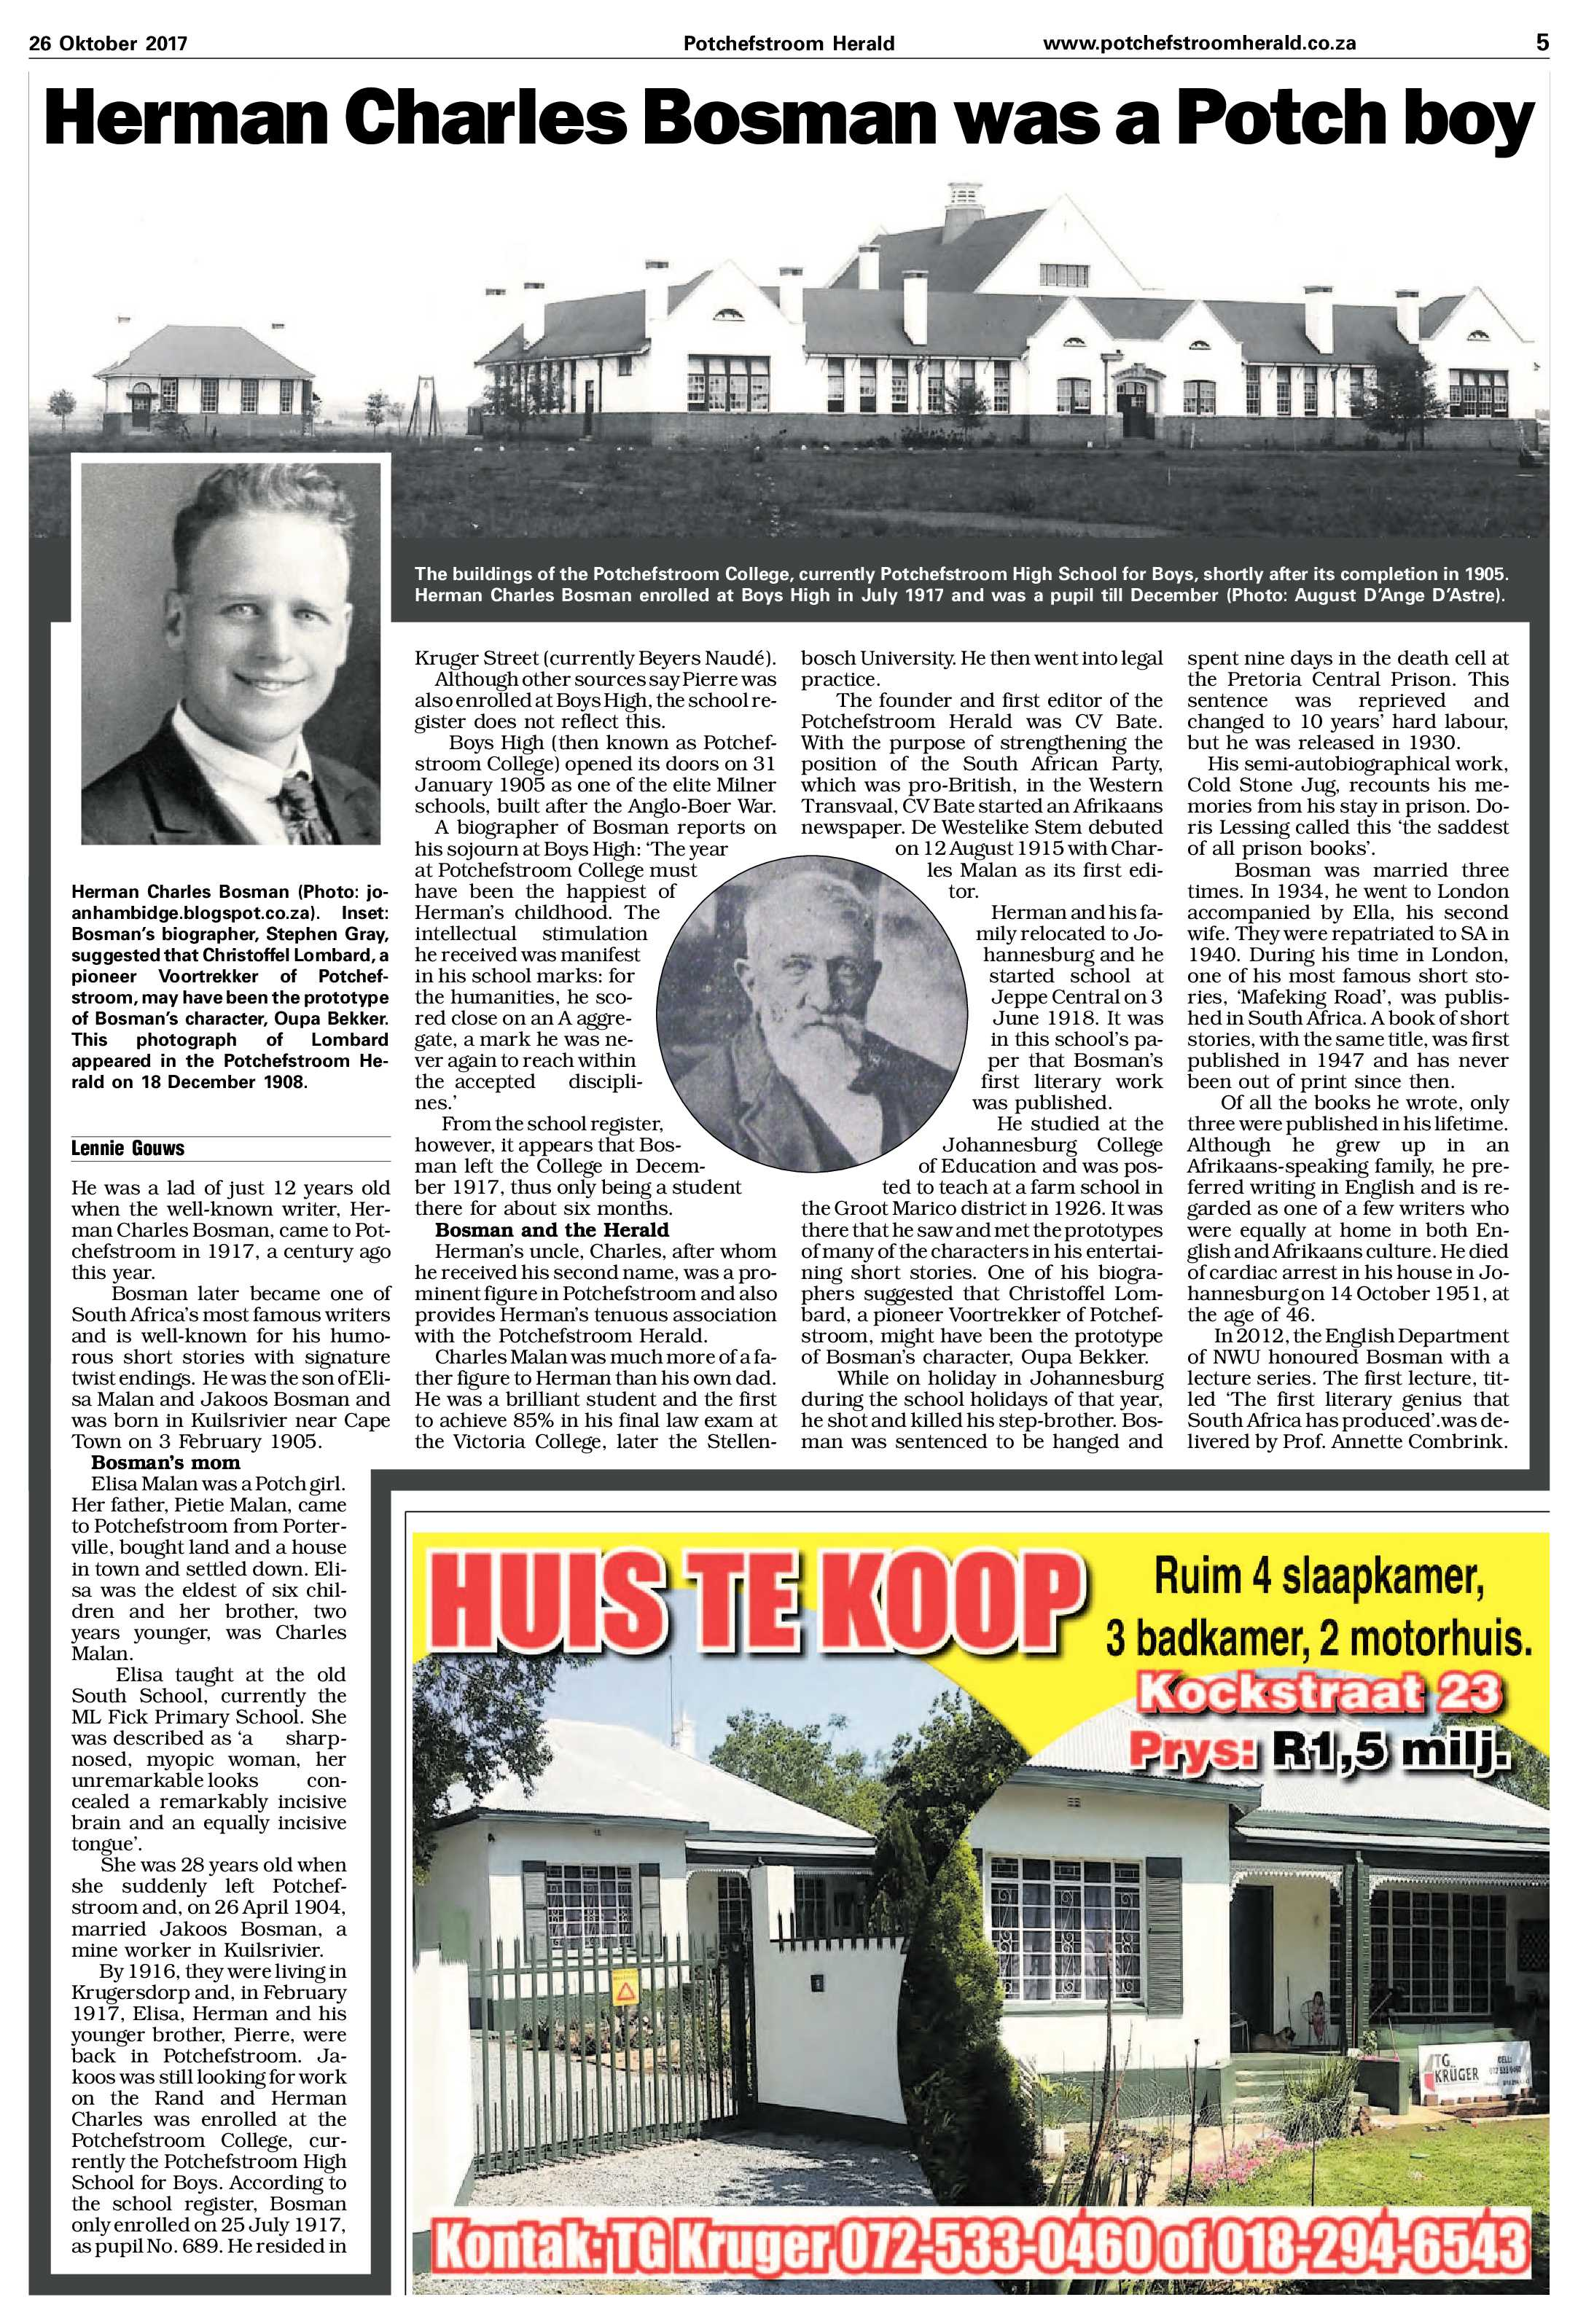 26-oktober-2017-epapers-page-5